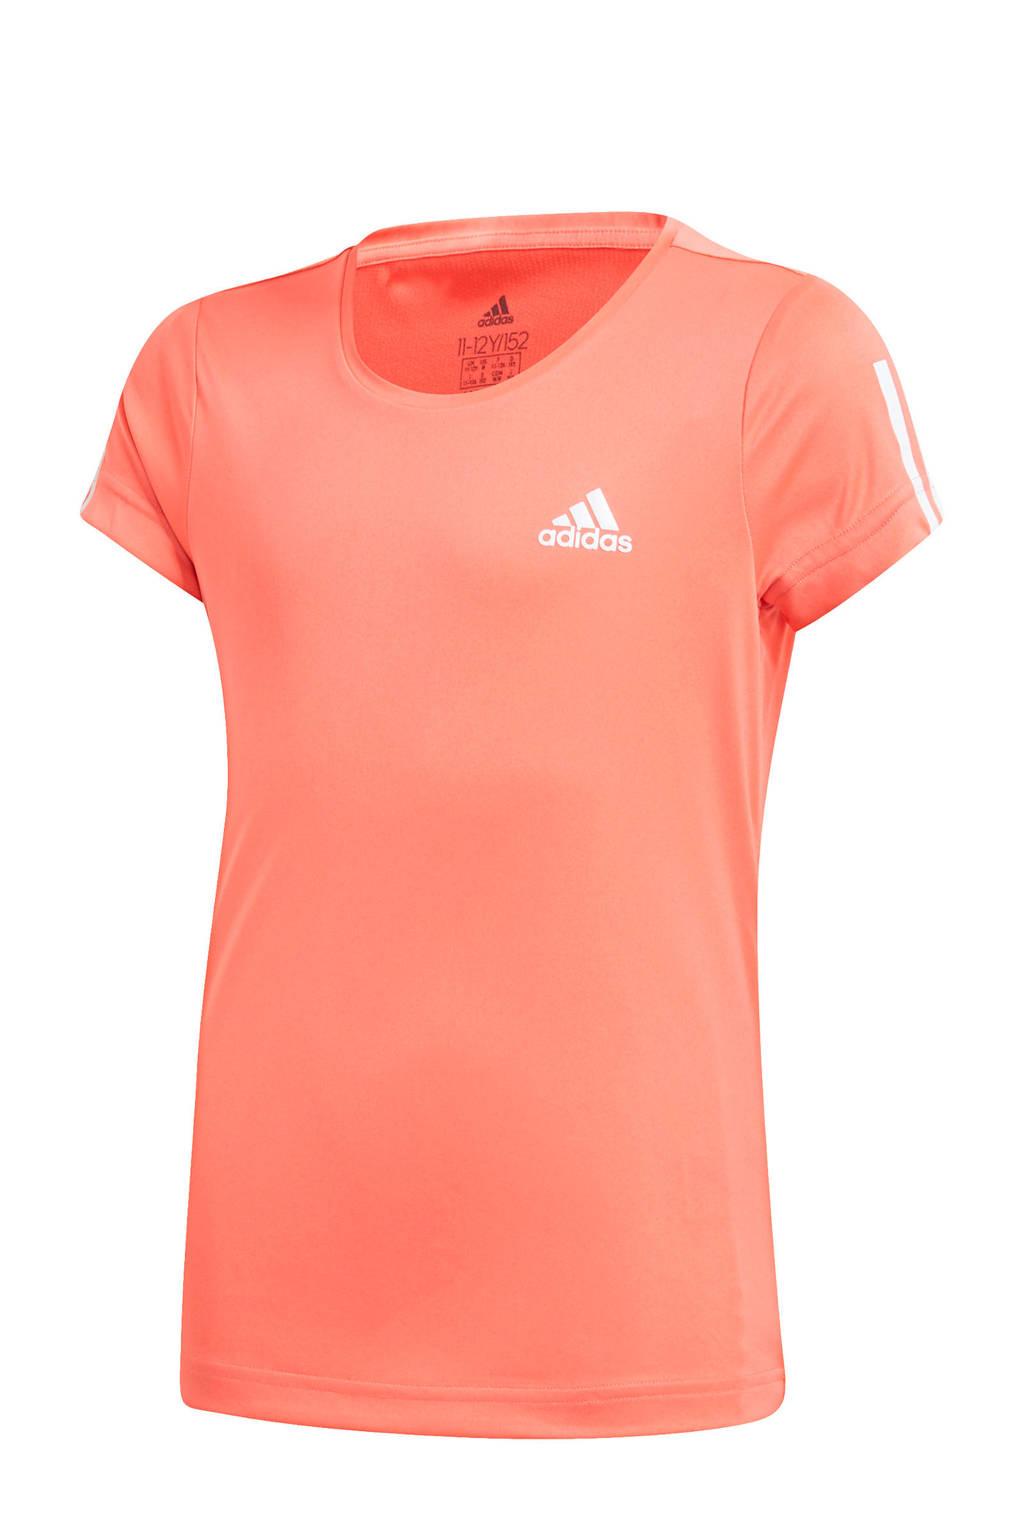 adidas Performance sport T-shirt koraalrood, Koraalrood